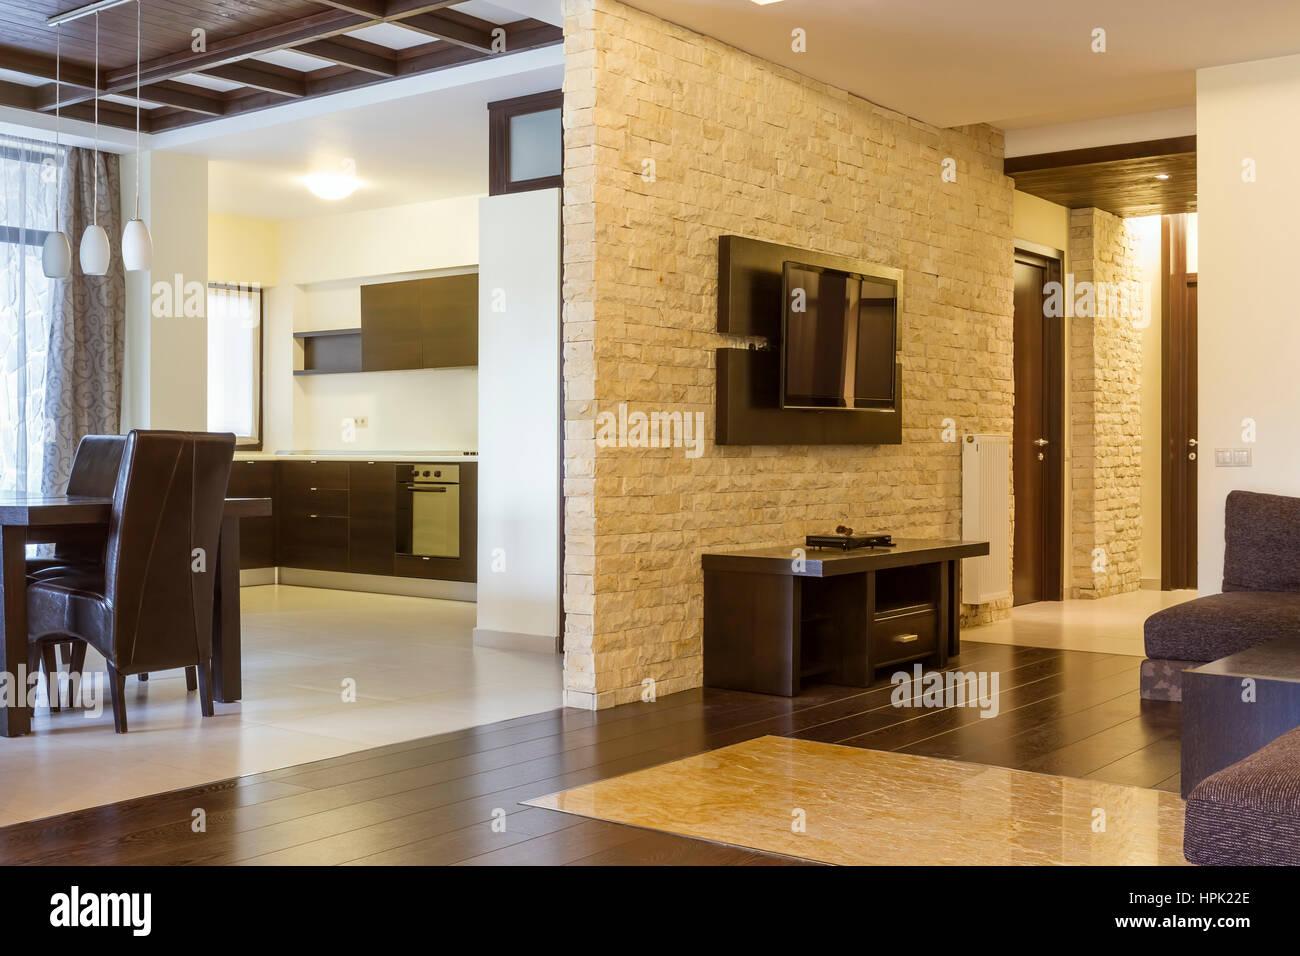 Salon moderne et d\'une cuisine moderne. Le mur avec briques et ...